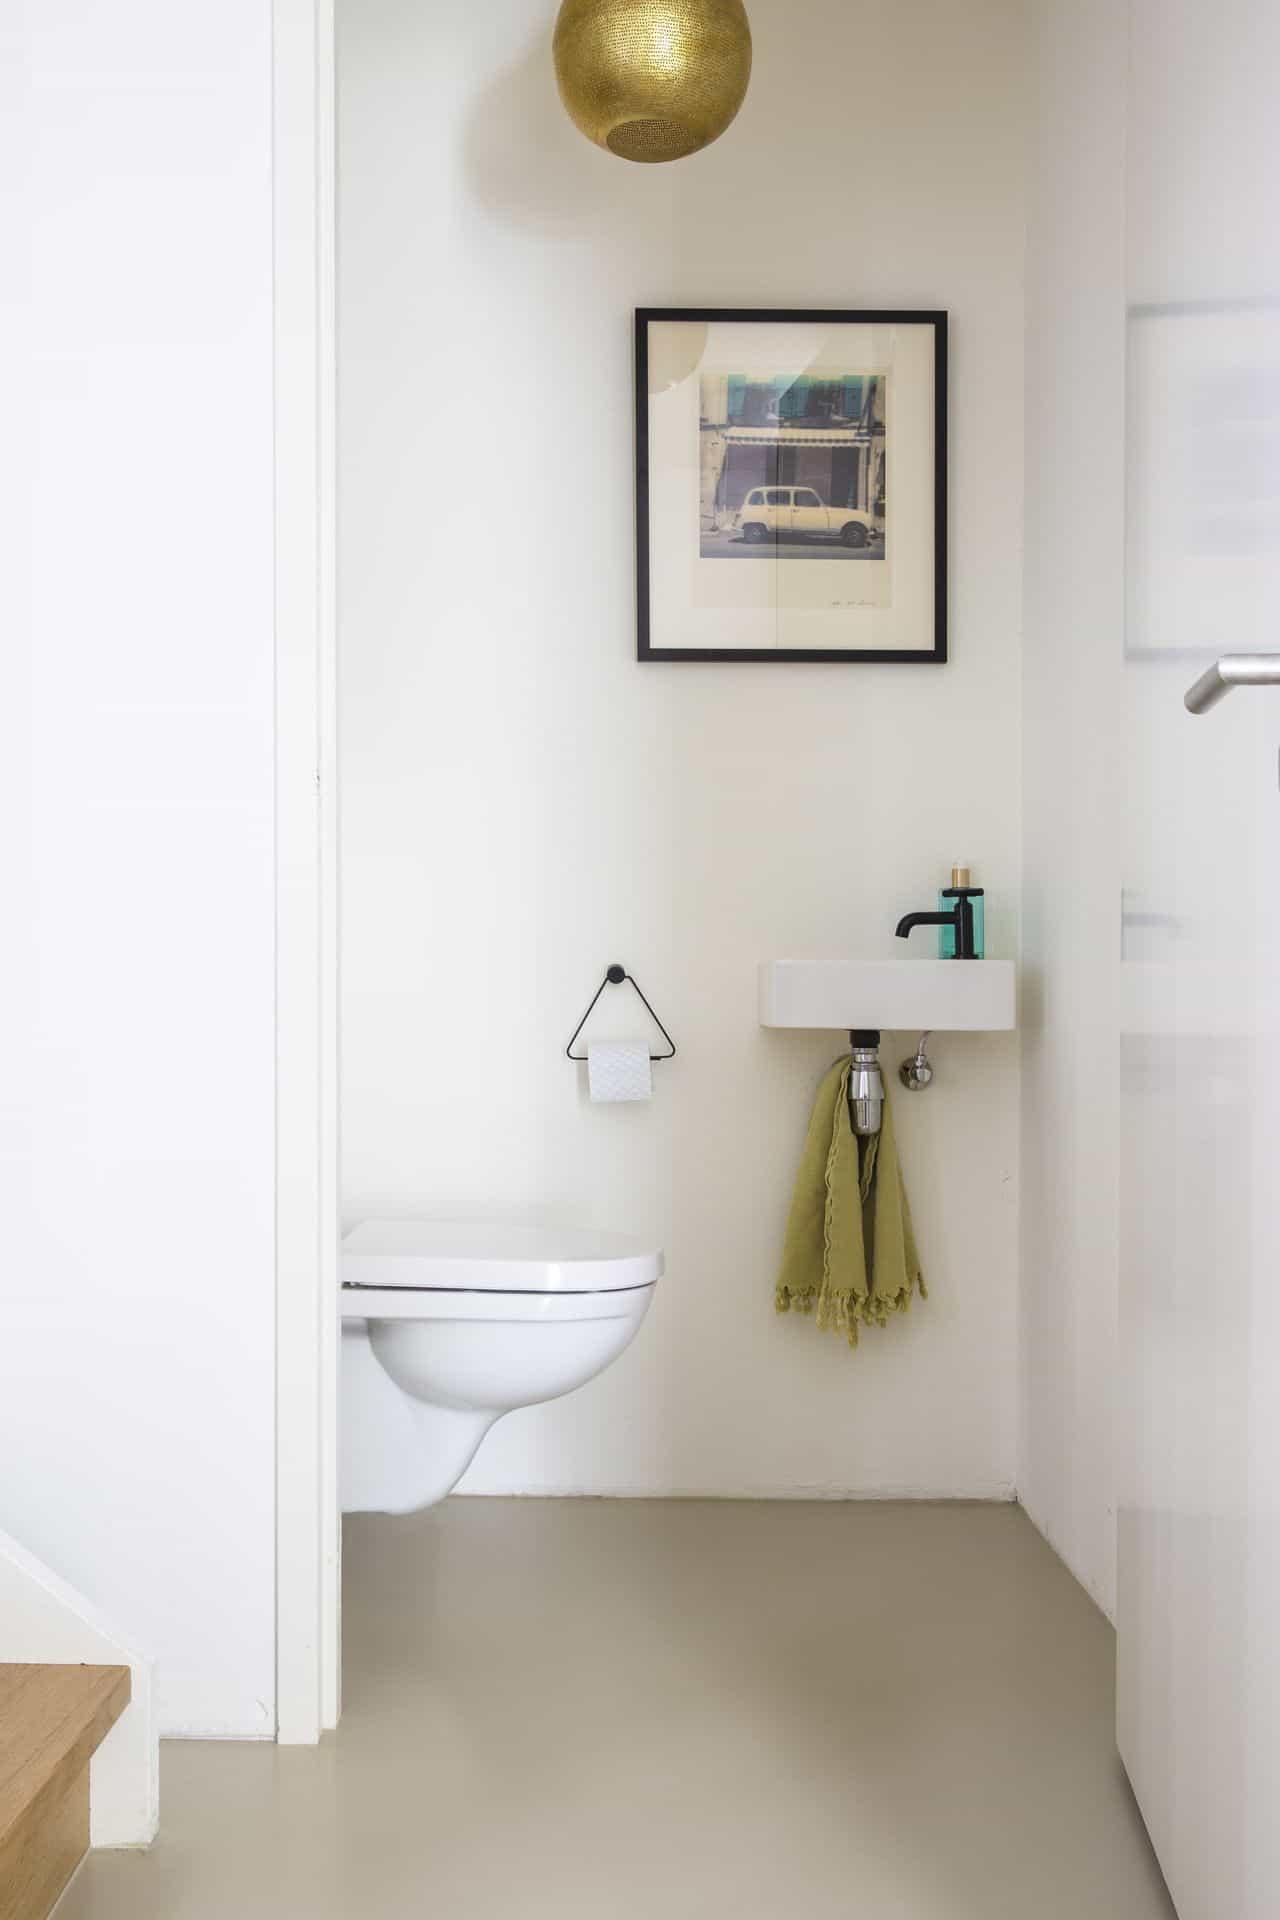 gietvloer wc, gietvloer pu, pu gietvloer toilet